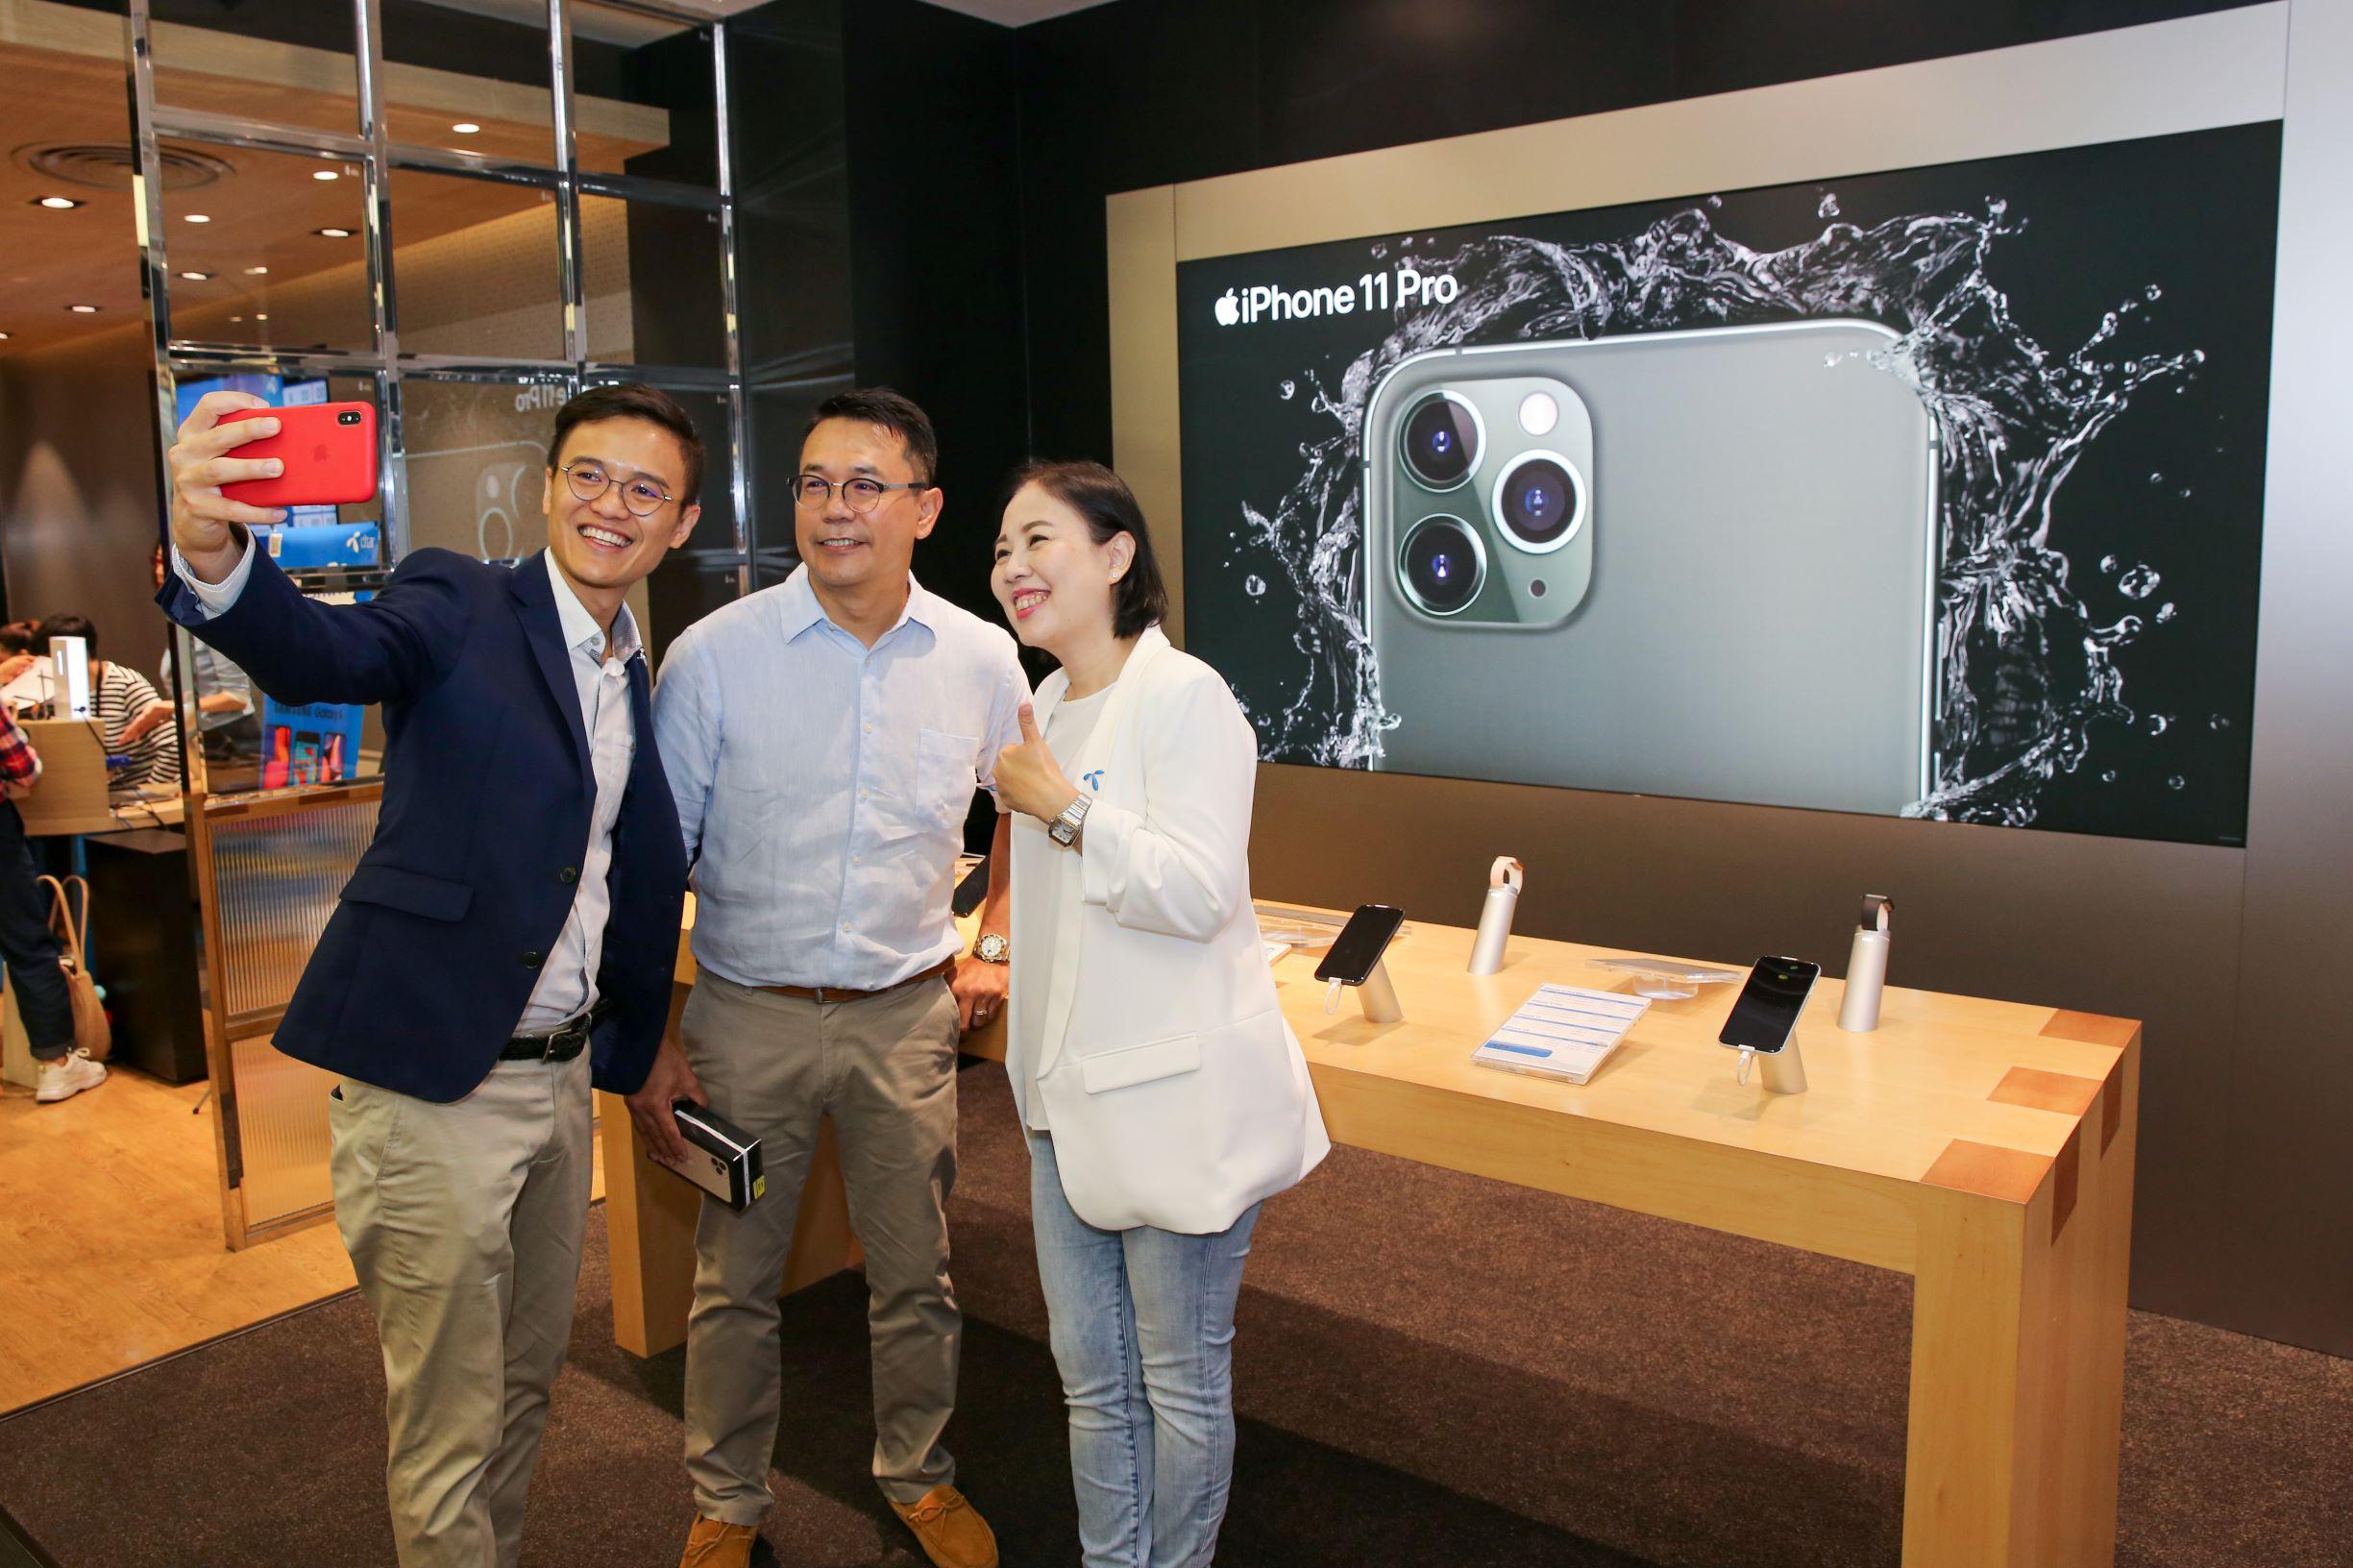 ดีแทคส่งมอบ iPhone 11 Pro และ iPhone 11 Pro Max ซึ่งเป็น iPhone ตระกูลใหม่ในระดับโปร พร้อมกับ iPhone 11 ให้ลูกค้ากลุ่มแรกในไทยเปิดประสบการณ์การใช้งานกล้องระดับโปรของปี 2019